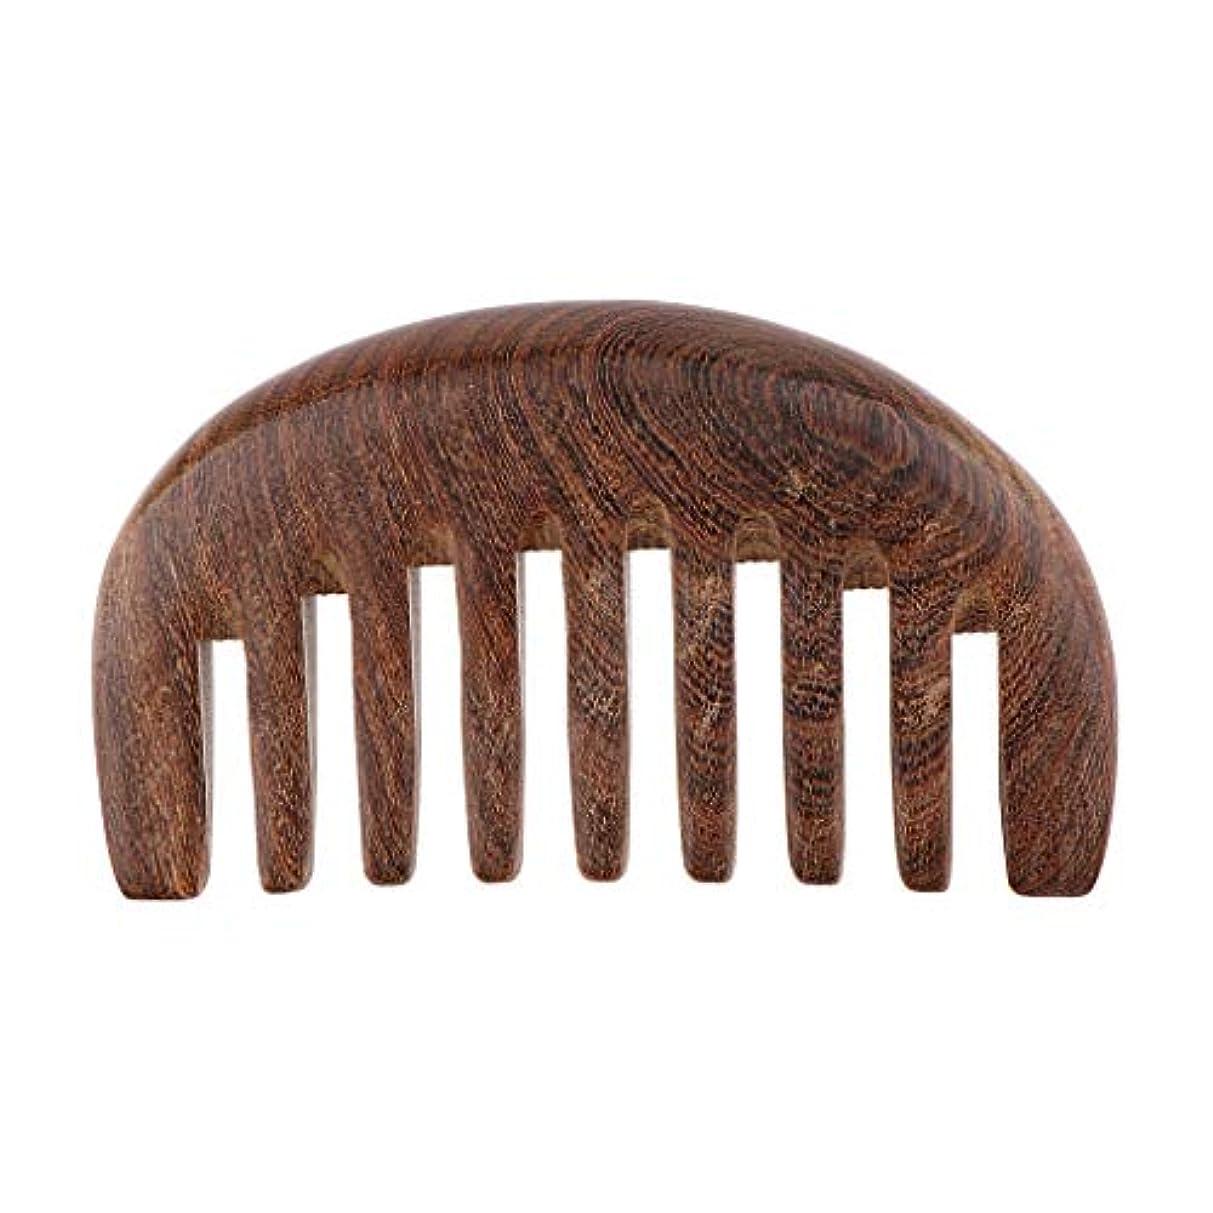 モディッシュアルファベット順追放するくし コーム 荒め 櫛 木製 美髪ケア サンダルウッド製 帯電防止 毛縮れ避け 3色選べ - クロロフォラ